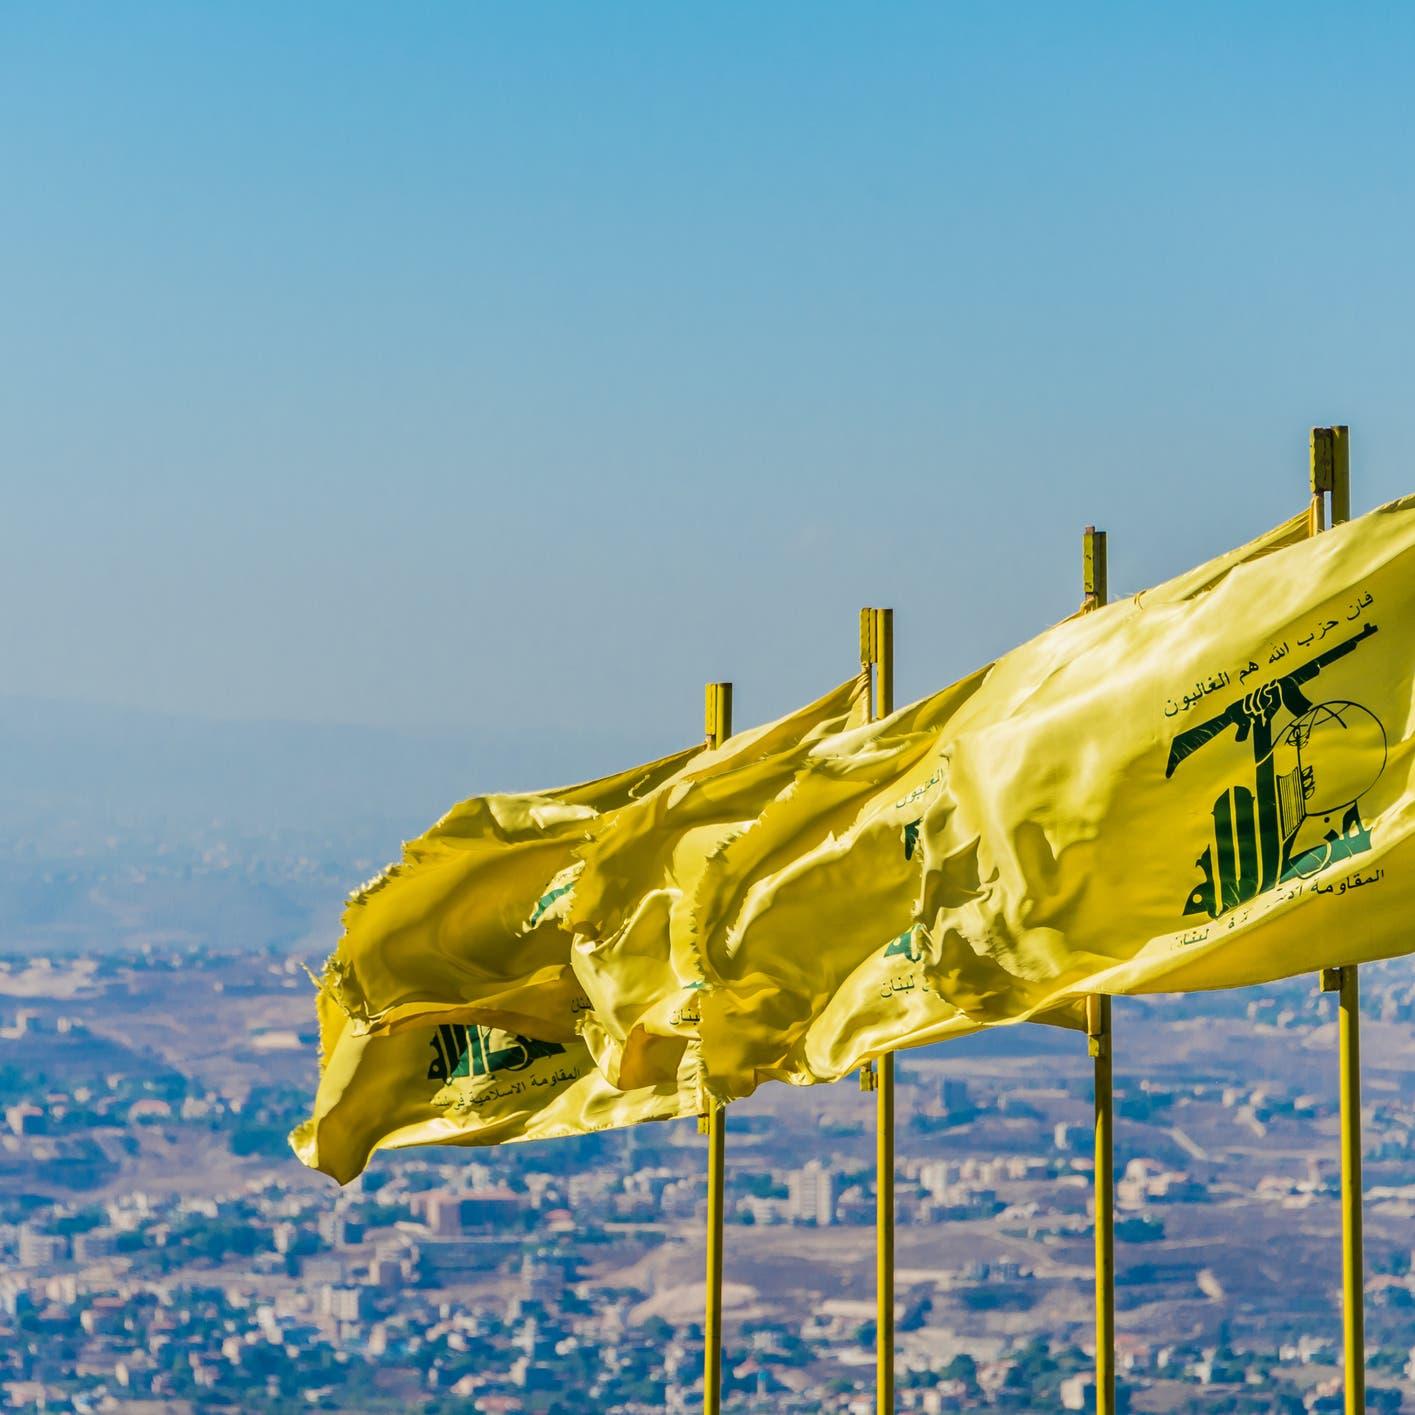 حزب الله يستغل أزمة لبنان.. فضائح عن أدوية ومنتجات مهربة